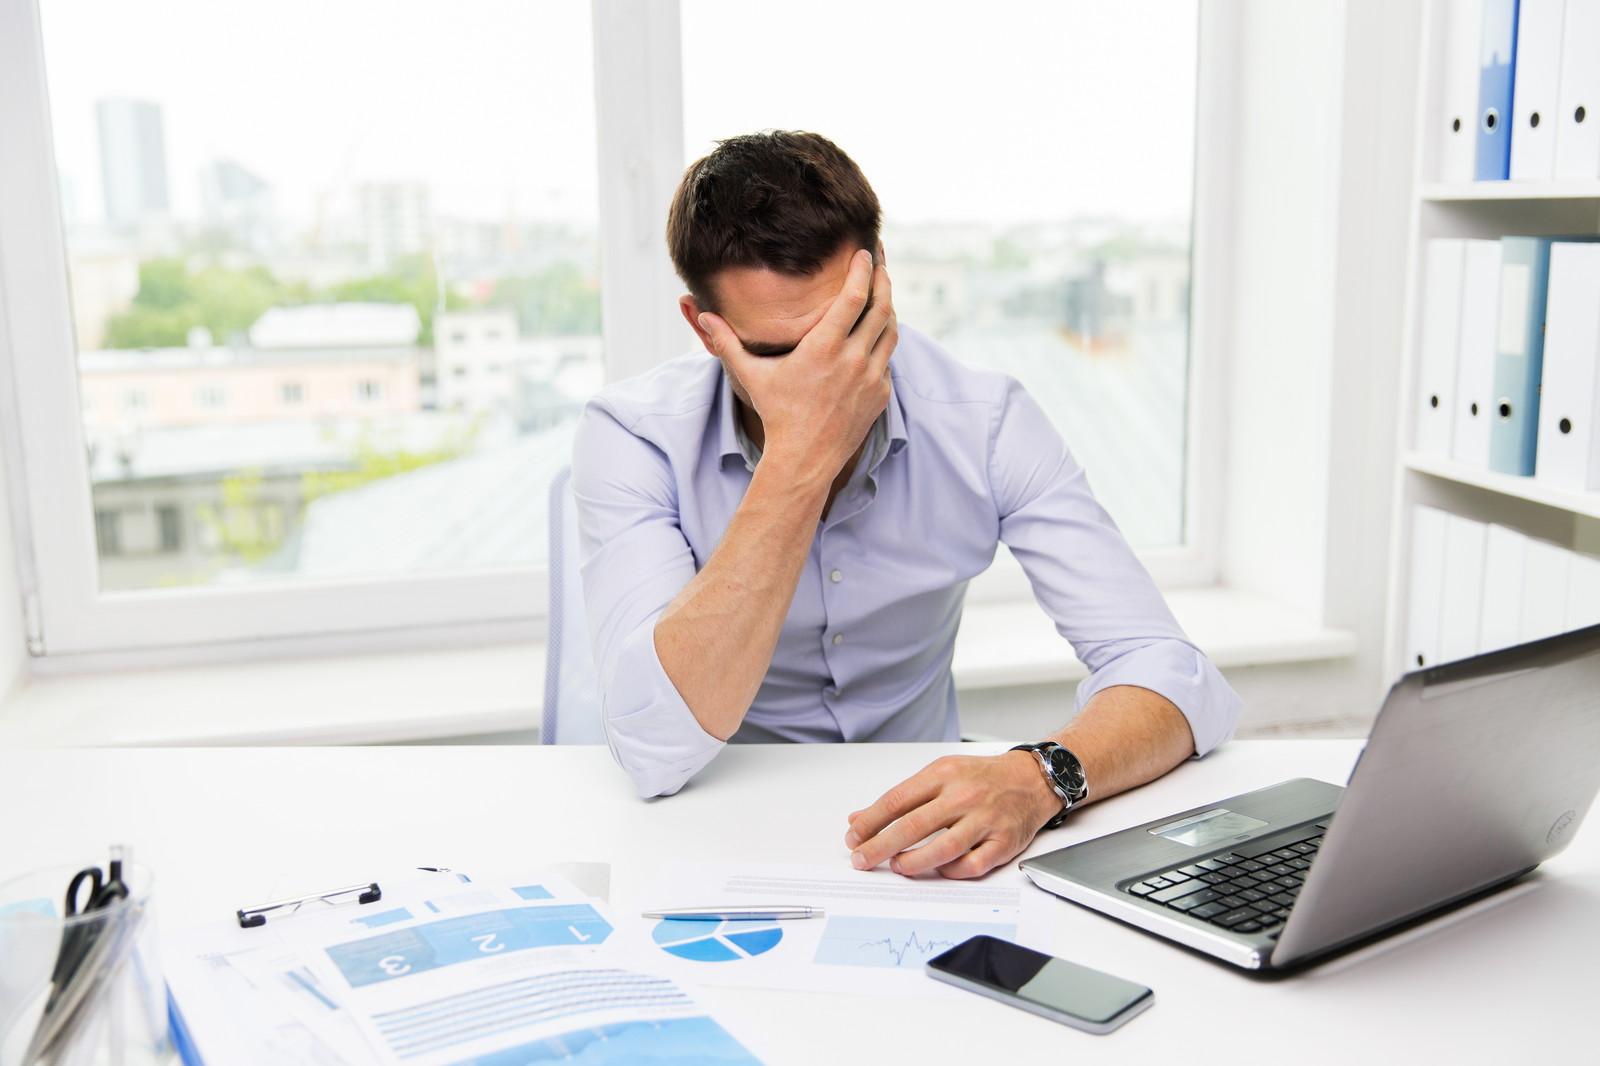 Failure as a blogger